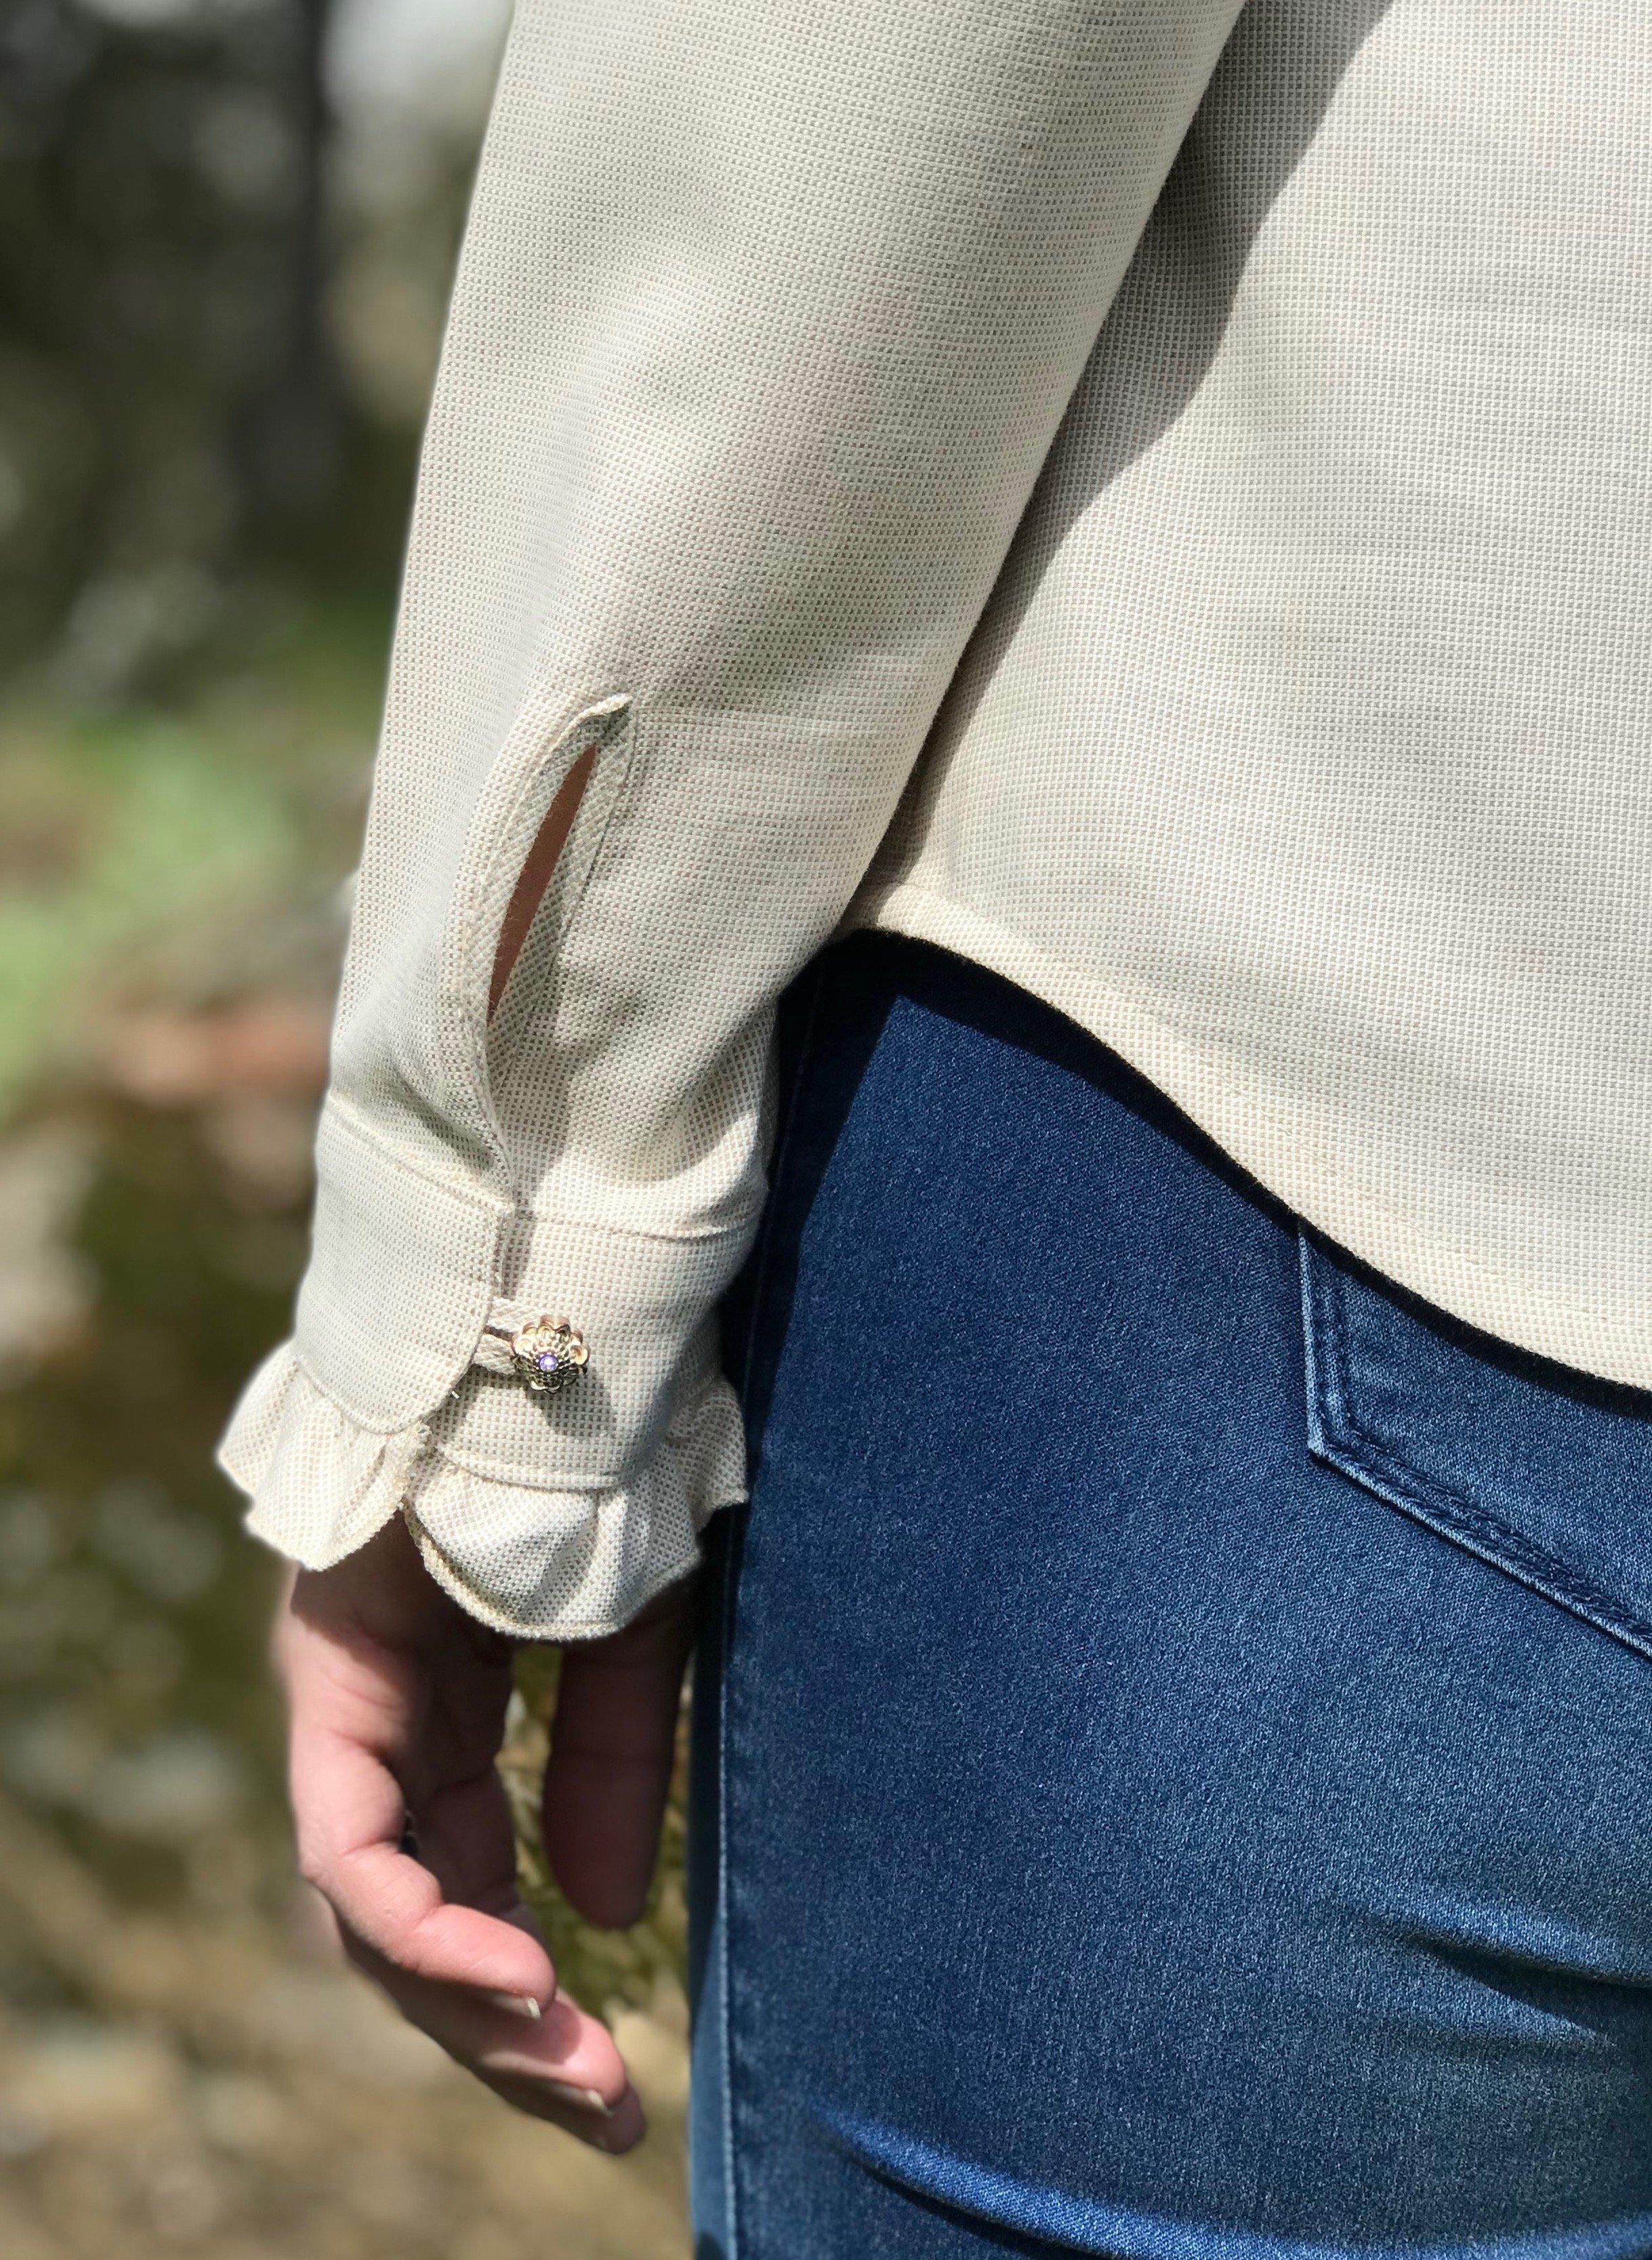 Skjortan Lena i 100% BCI bomull, naturligt färgad. Bild visar manschett med vacker knapp.